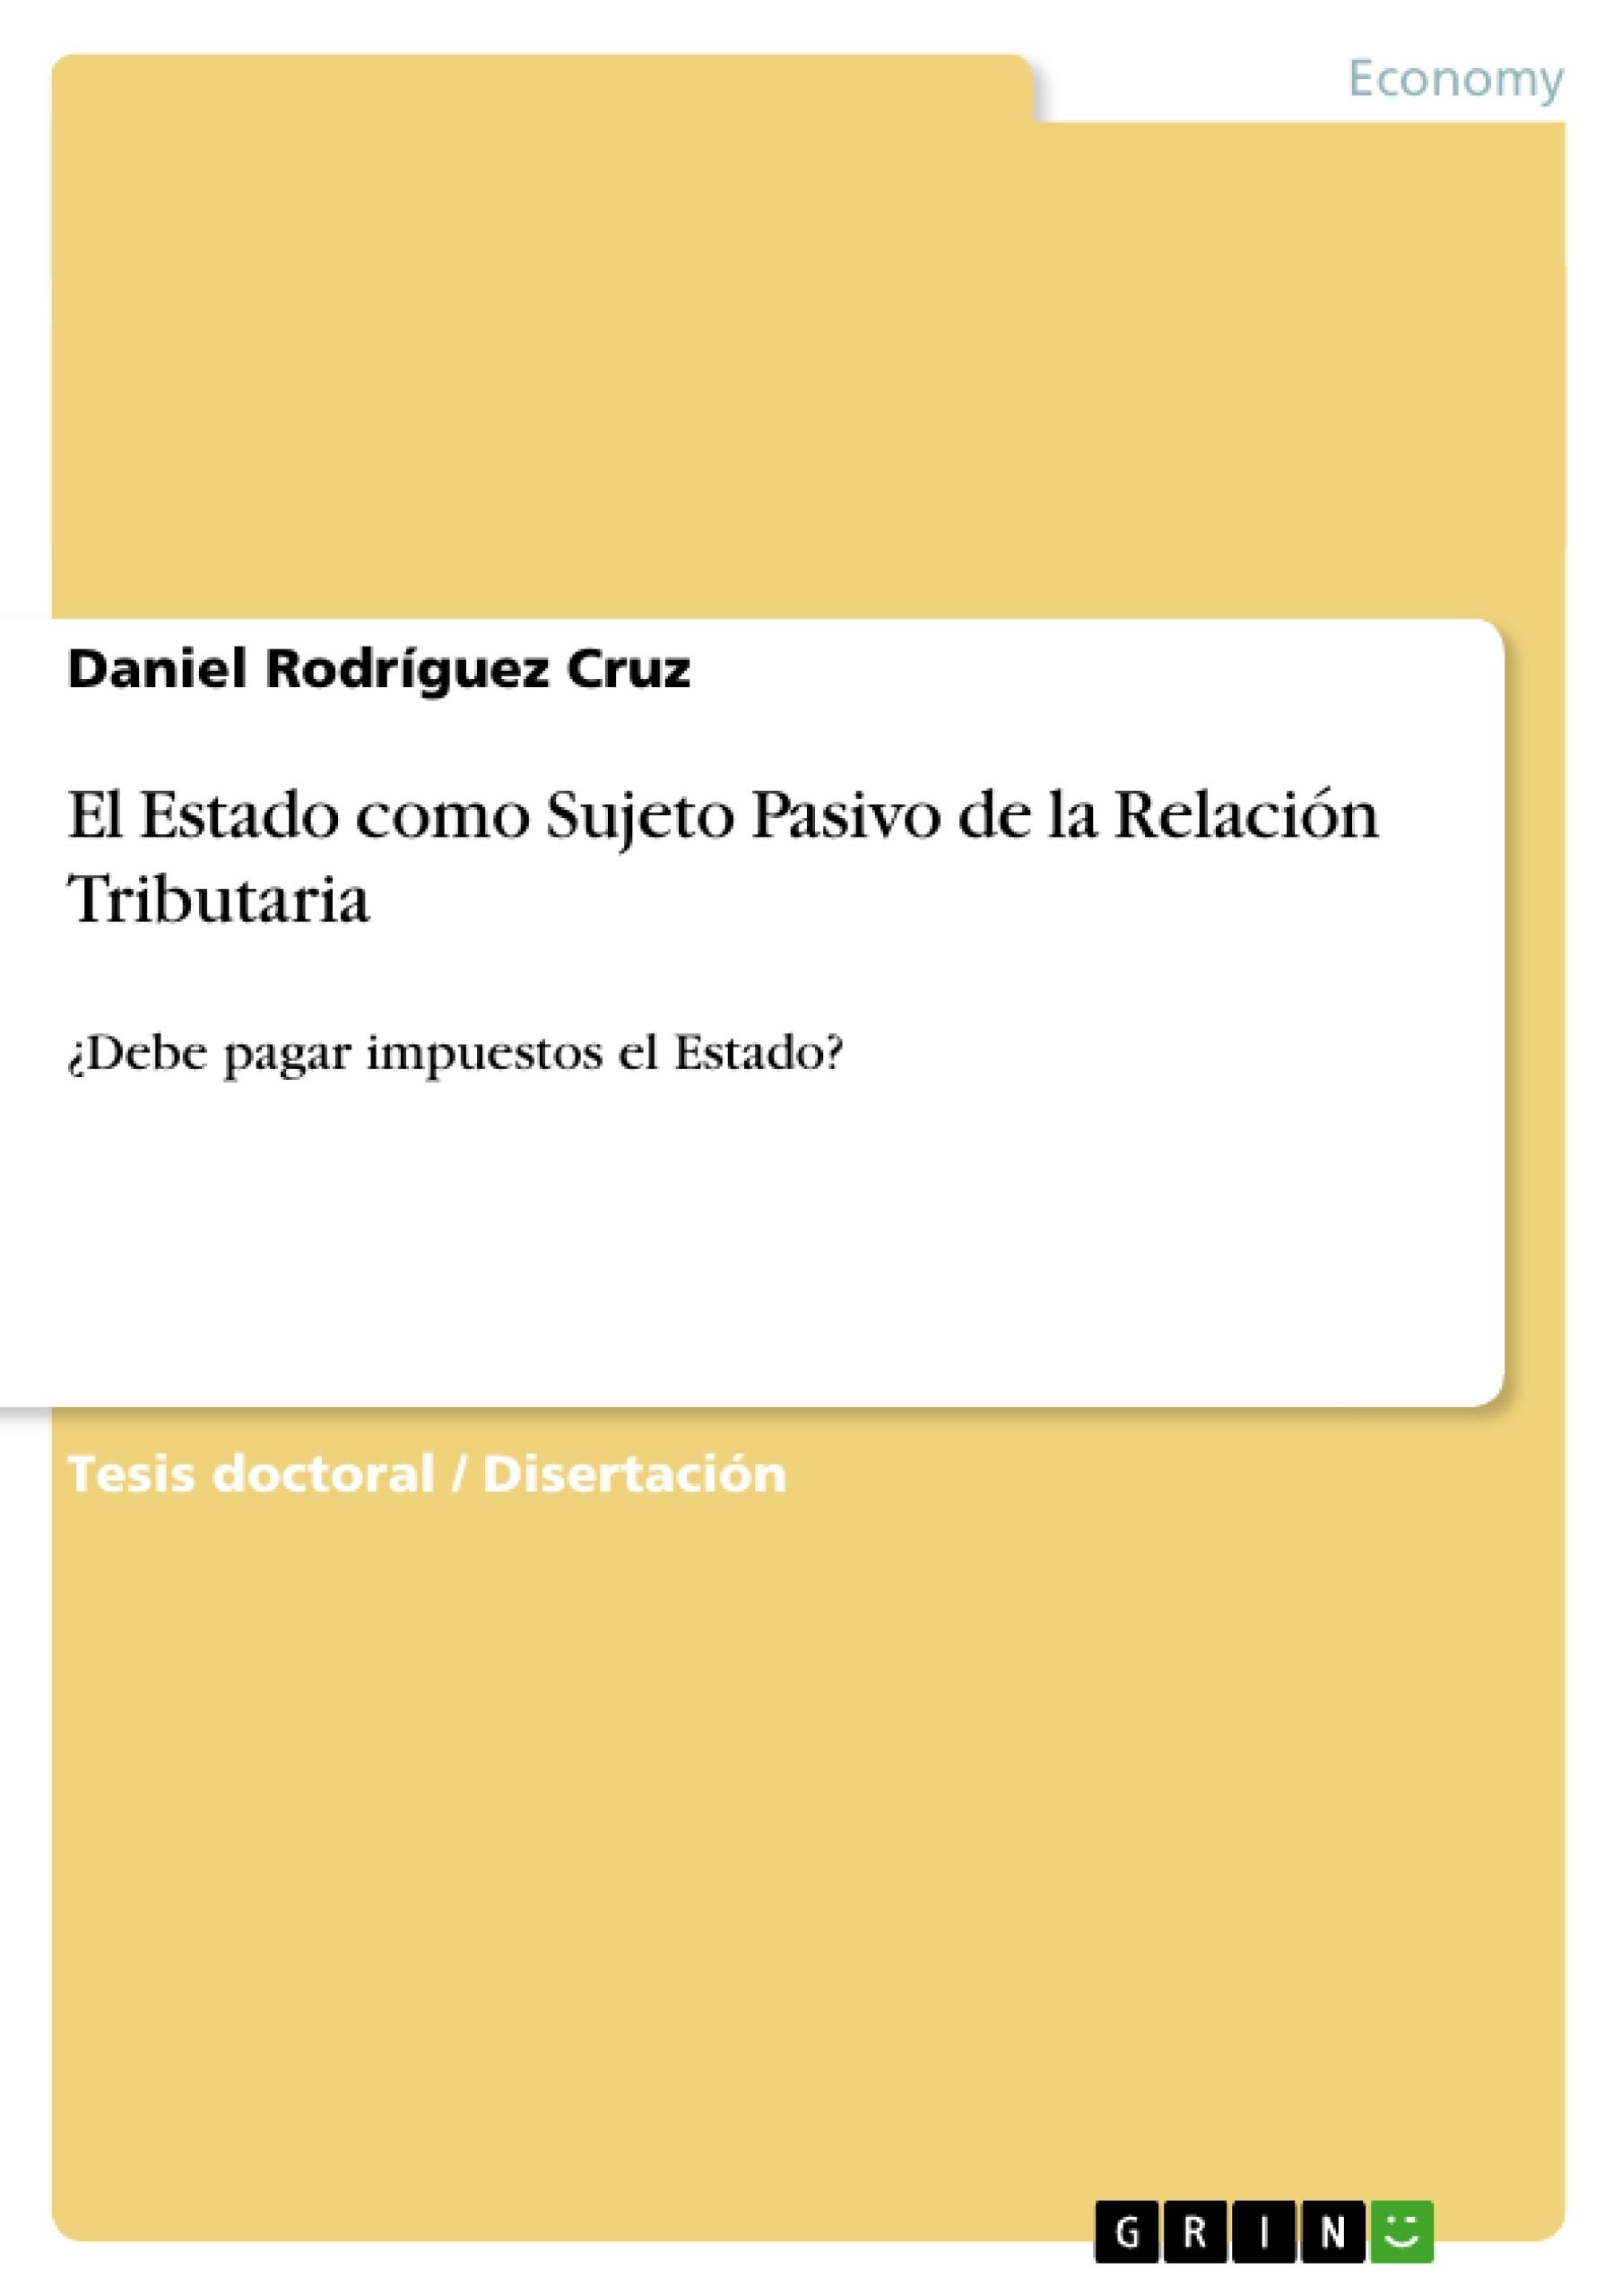 Título: El Estado como Sujeto Pasivo de la Relación Tributaria